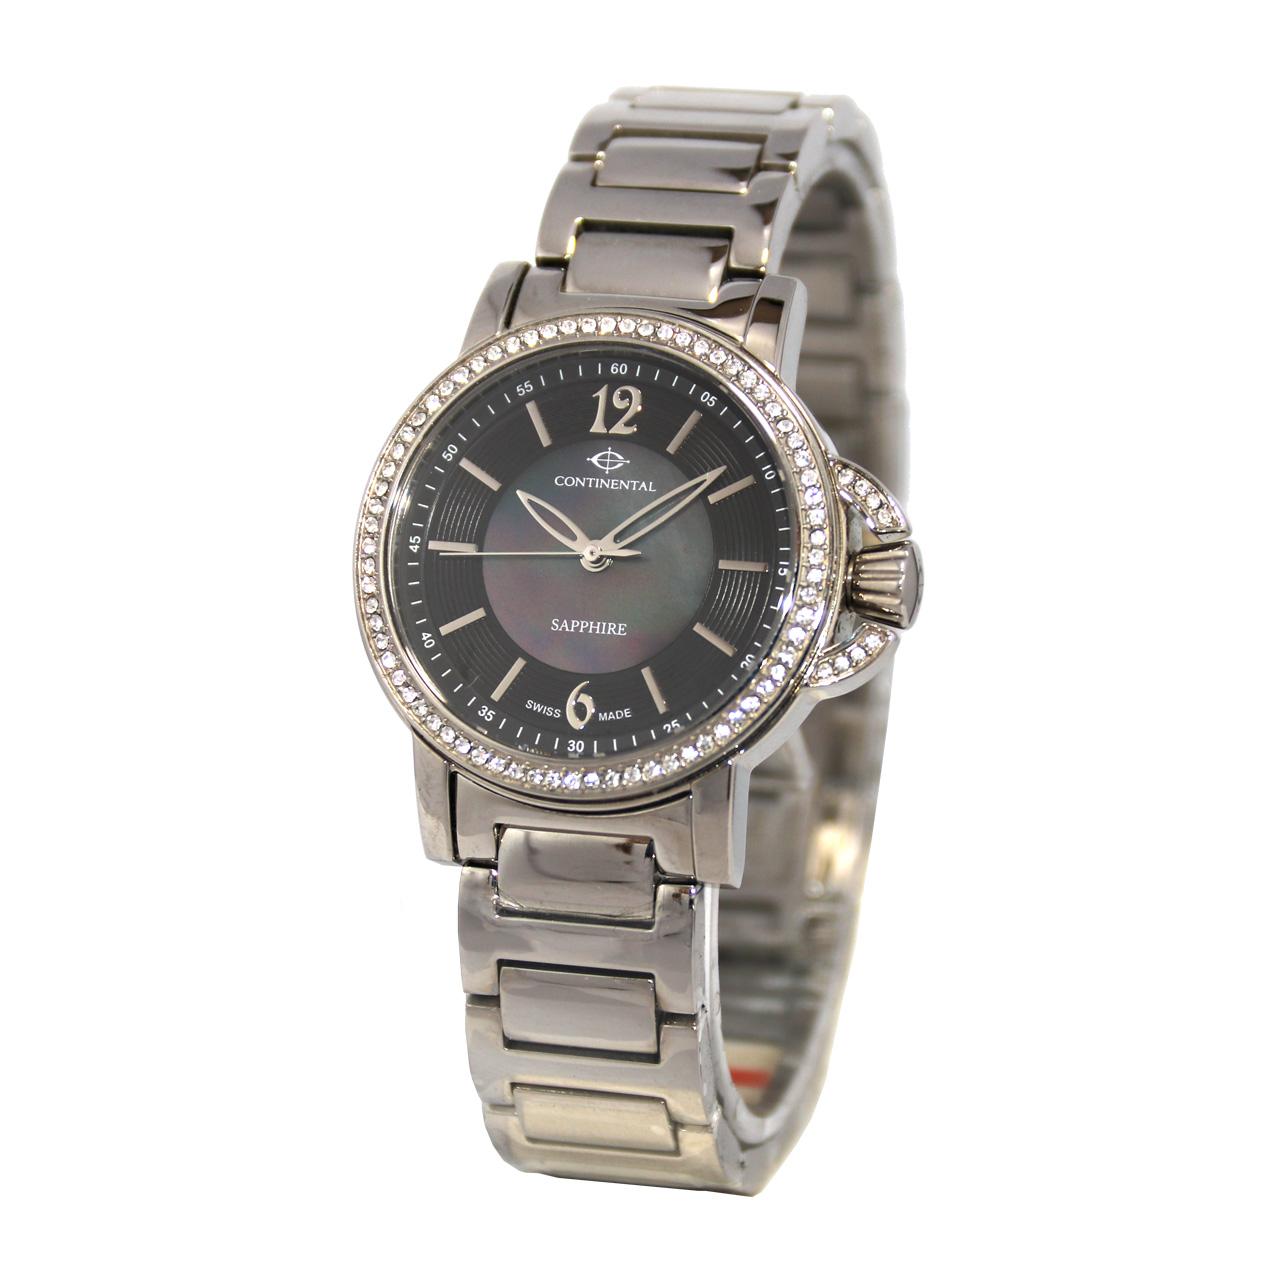 ساعت مچی عقربه ای زنانه کنتیننتال مدل 12260-204D 22